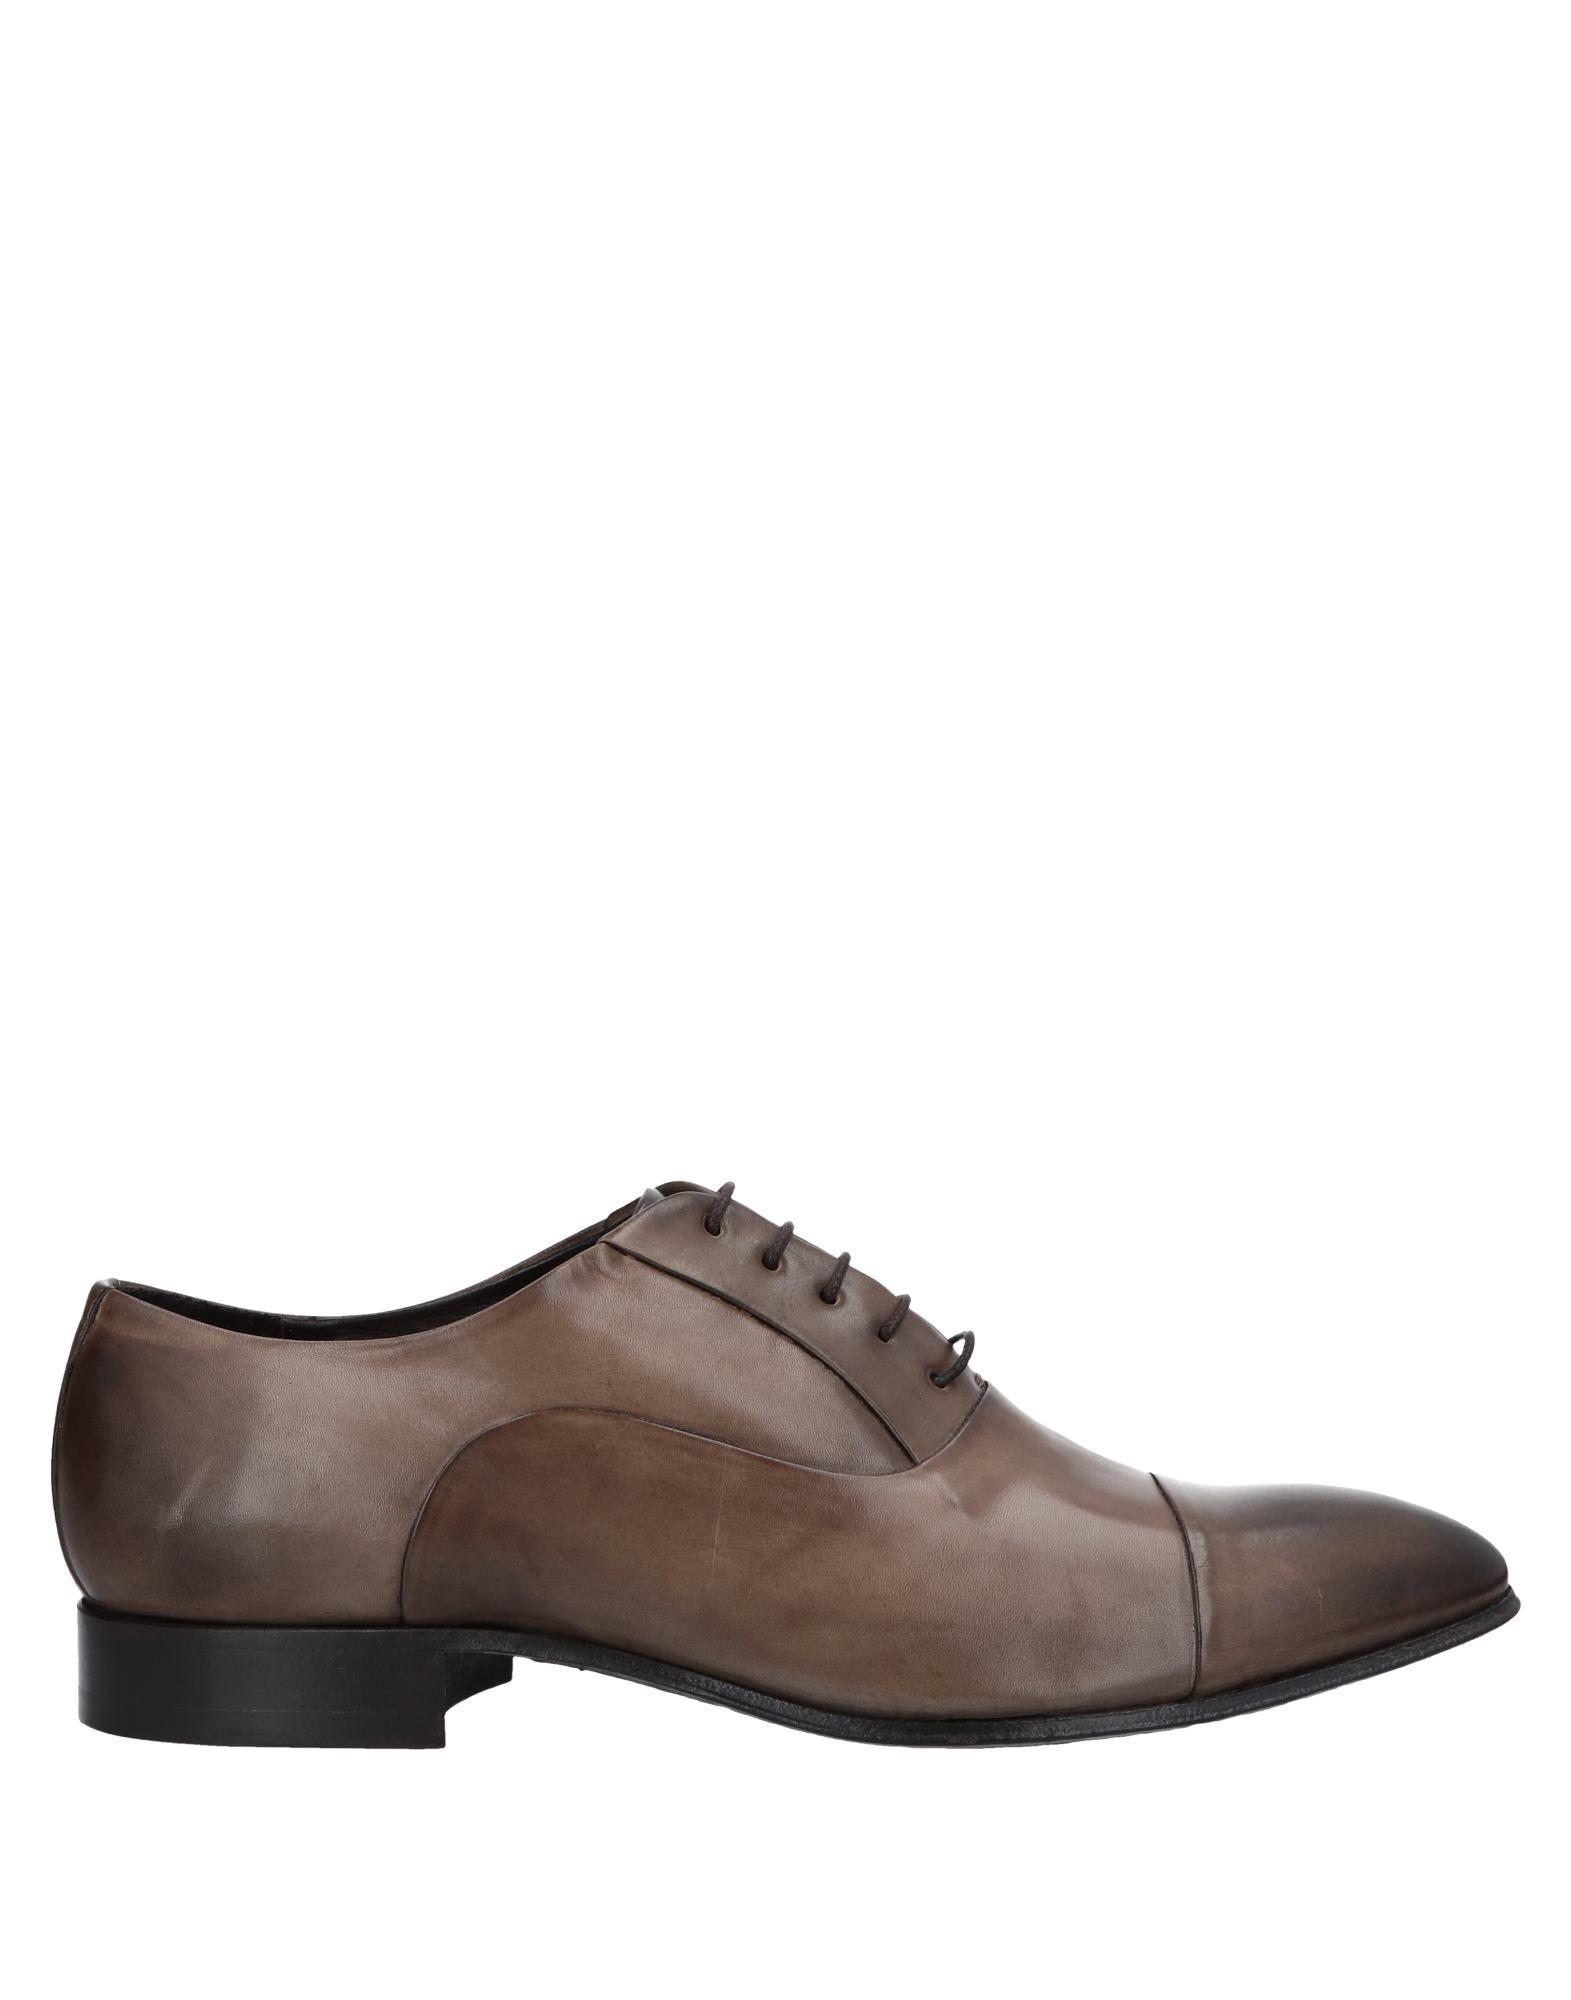 Фото - BRECOS Обувь на шнурках обувь на высокой платформе dkny